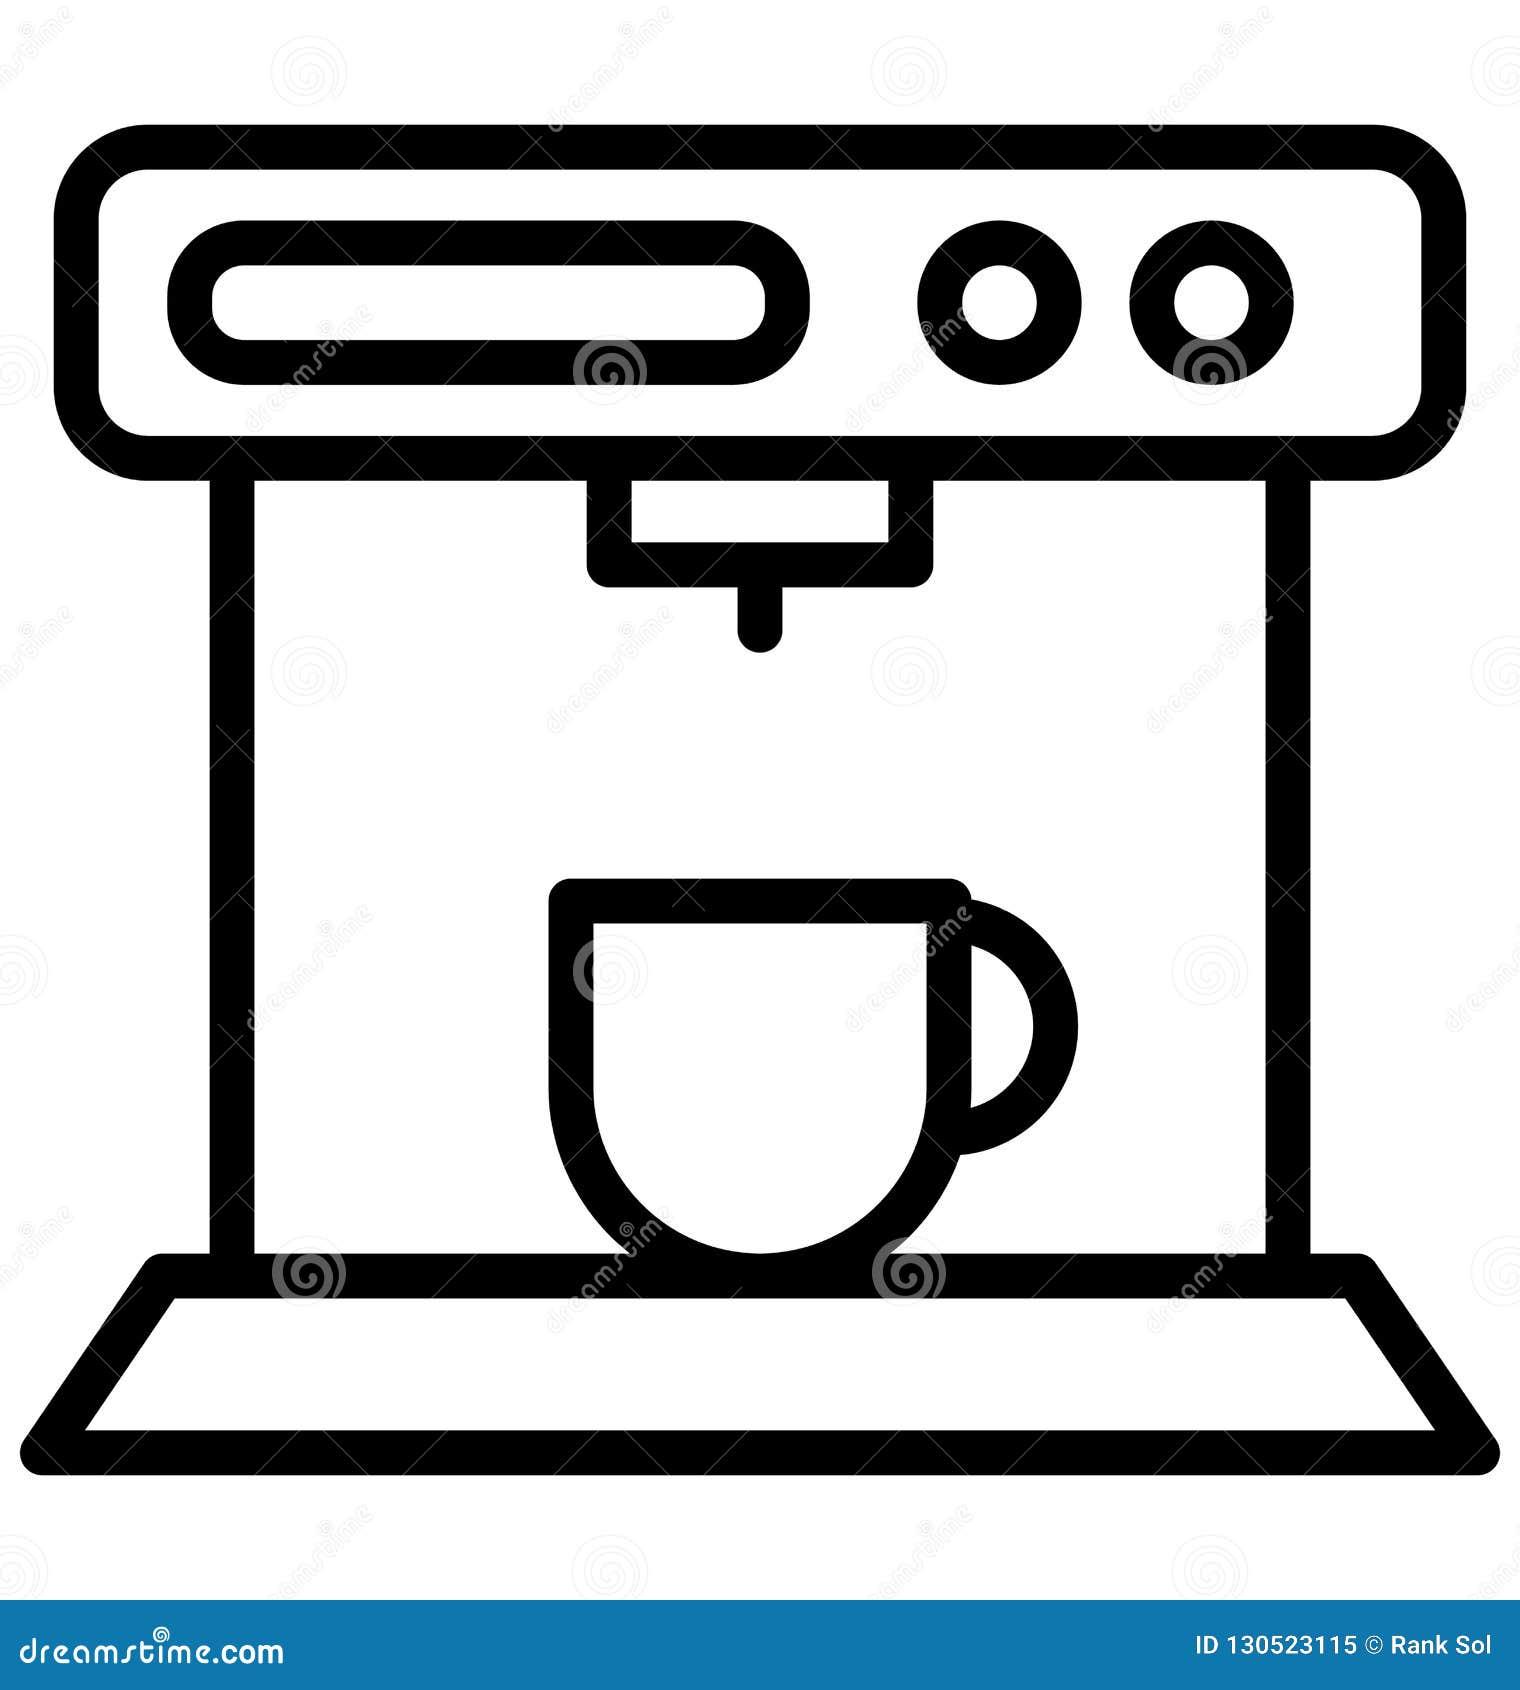 Macchinetta del caffè, icona isolata di vettore del creatore di caffè espresso che può essere pubblicata facilmente in tutta la d